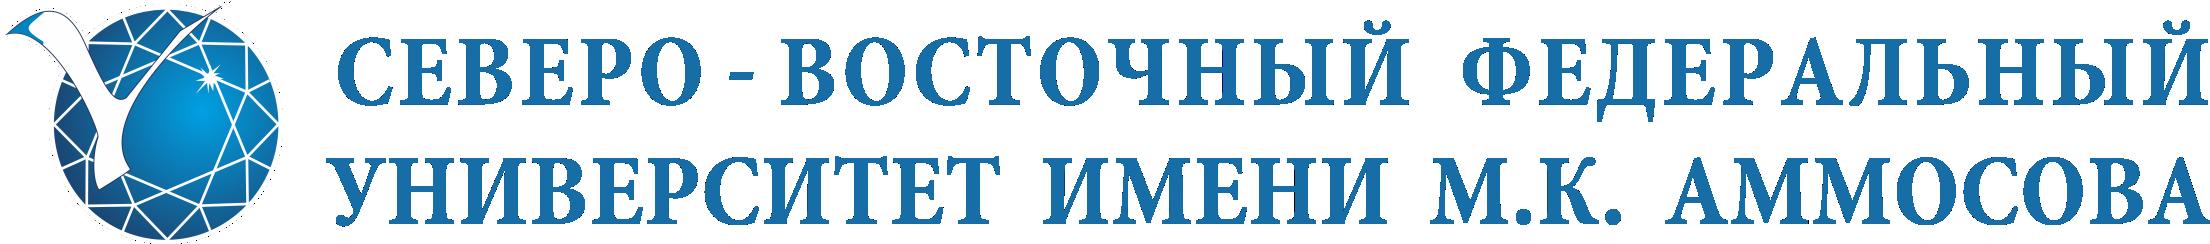 Северо-Восточный федеральный университет им. М.К. Аммосова — филиал в г. Мирный